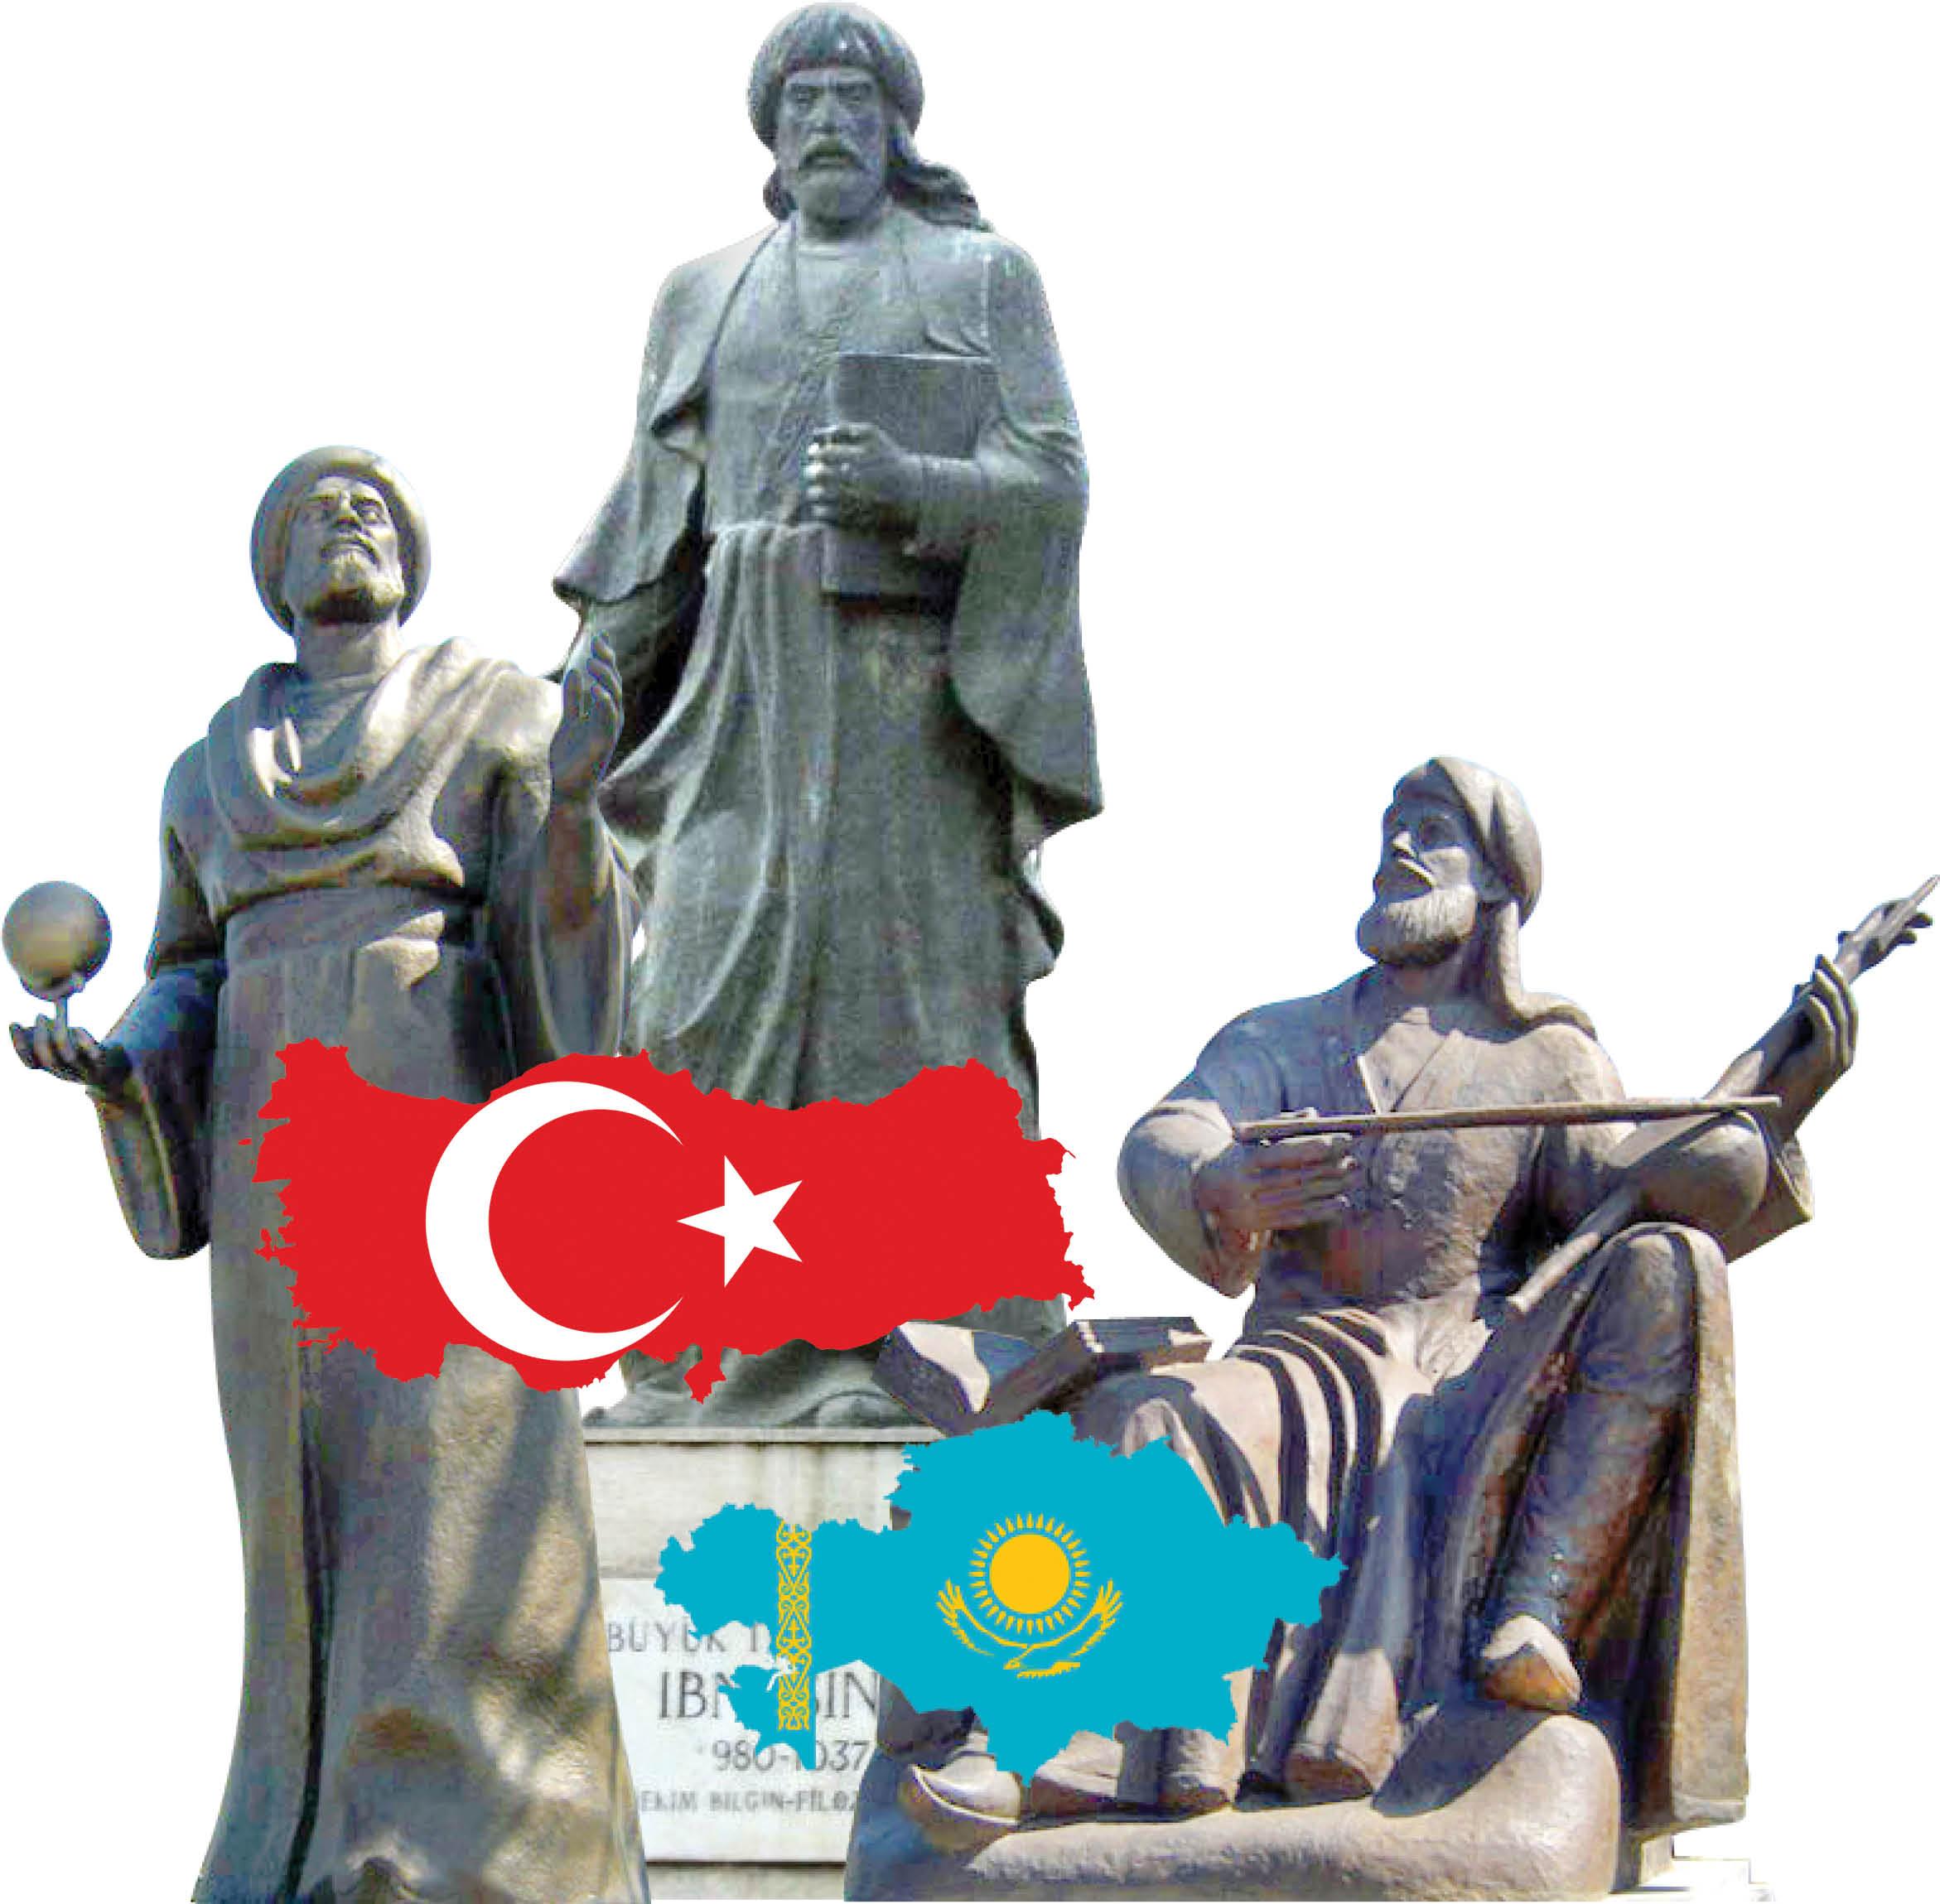 ماجرای ادعای ترکیه ای بودن ابوعلی سینا و ابوریحان بیرونی چیست؟